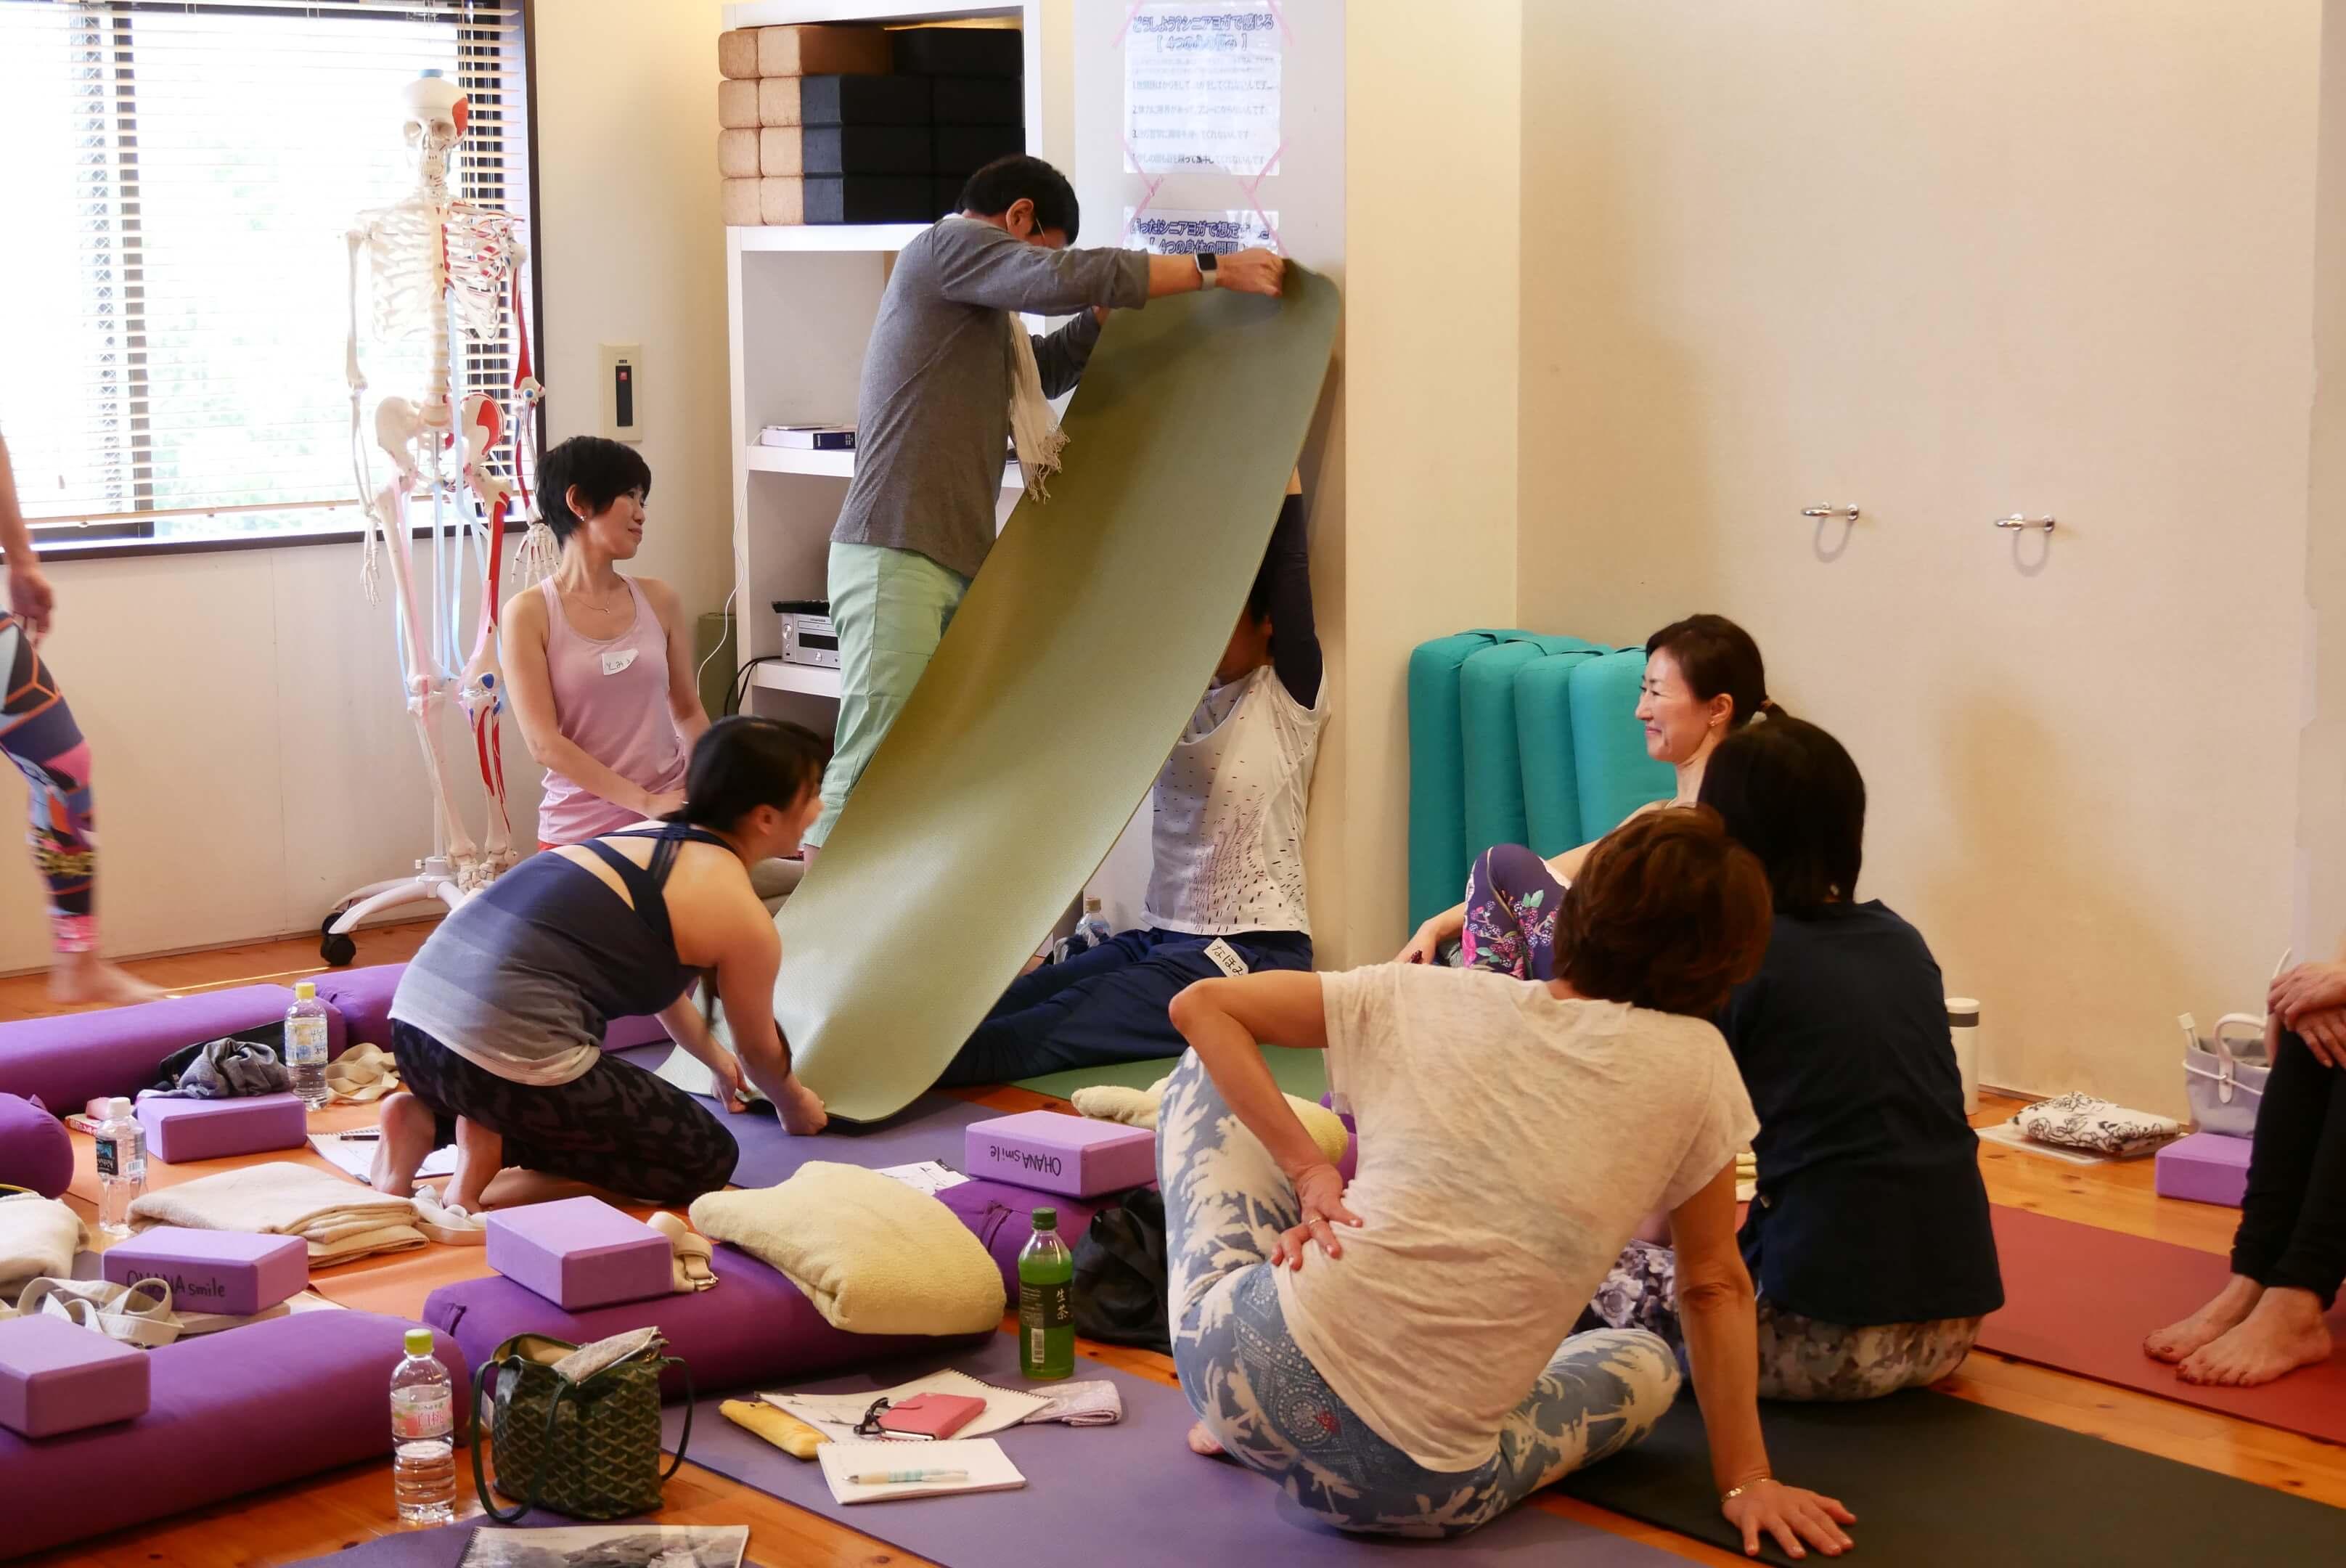 内田かつのり先生のシニアヨガ指導者養成講座の様子。長座がダウンドックのバリエーションになる一例